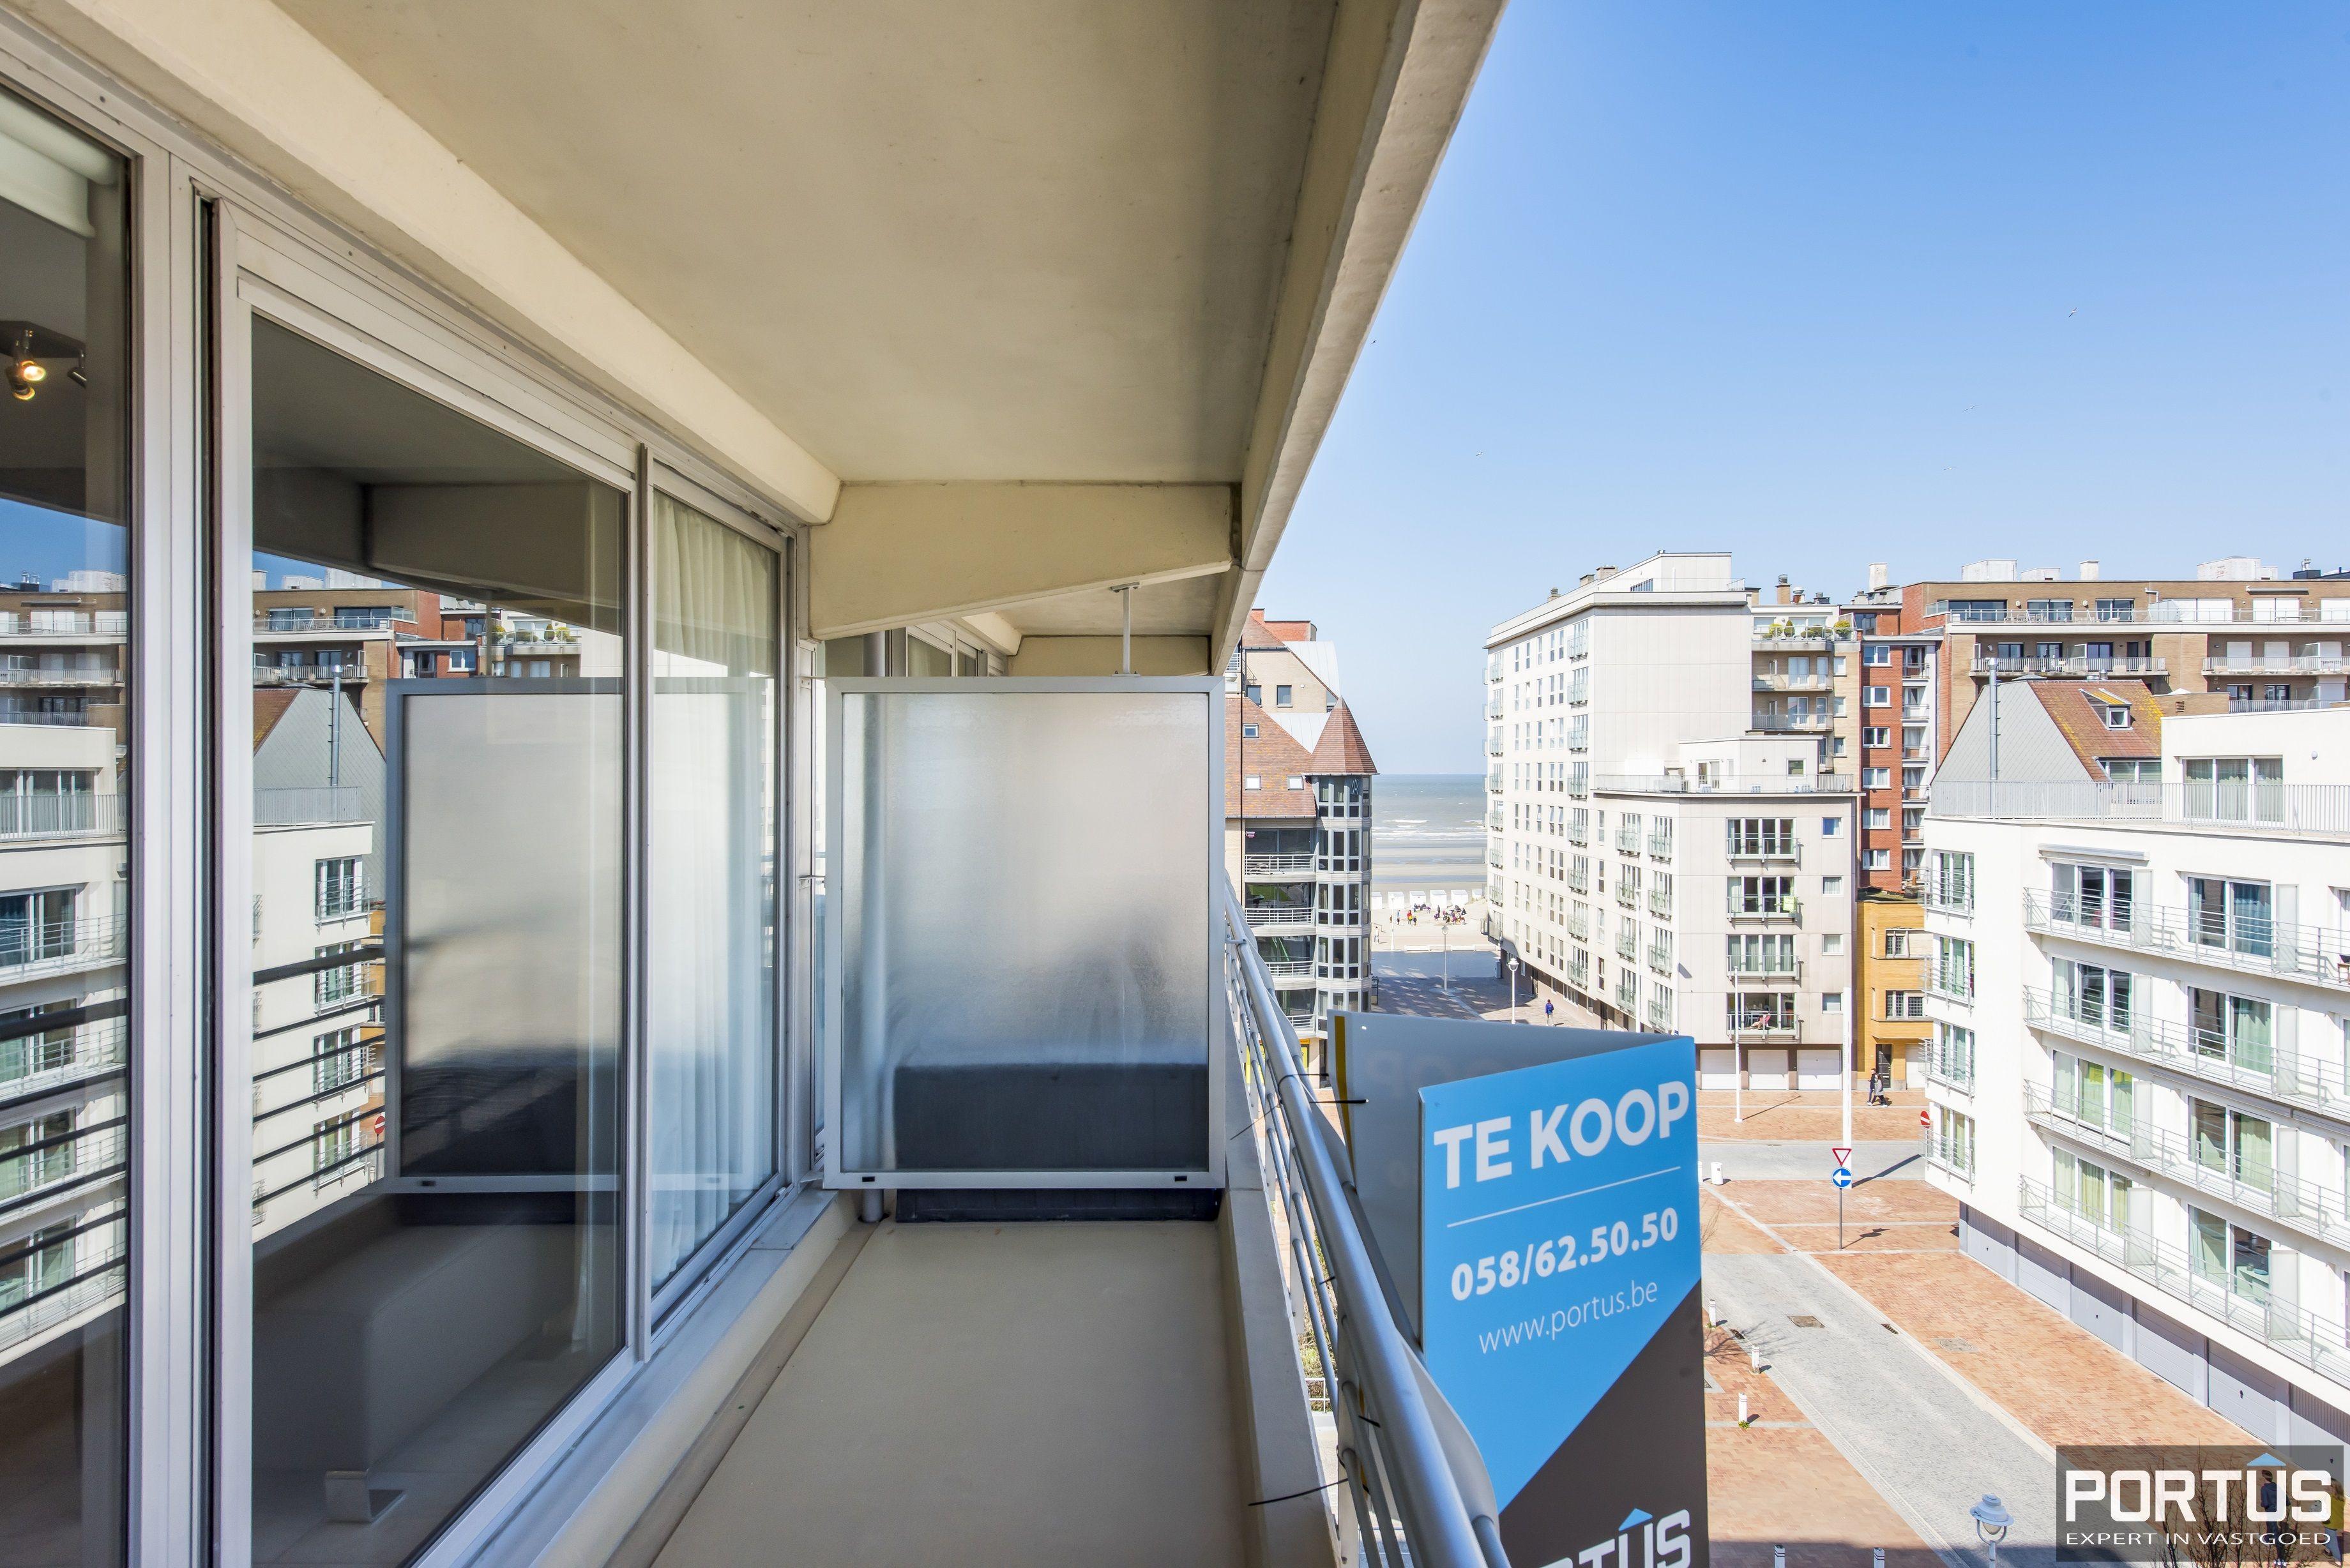 Instapklaar 1 slaapkamer appartement met ruim terras met zijdelings zeezicht te koop